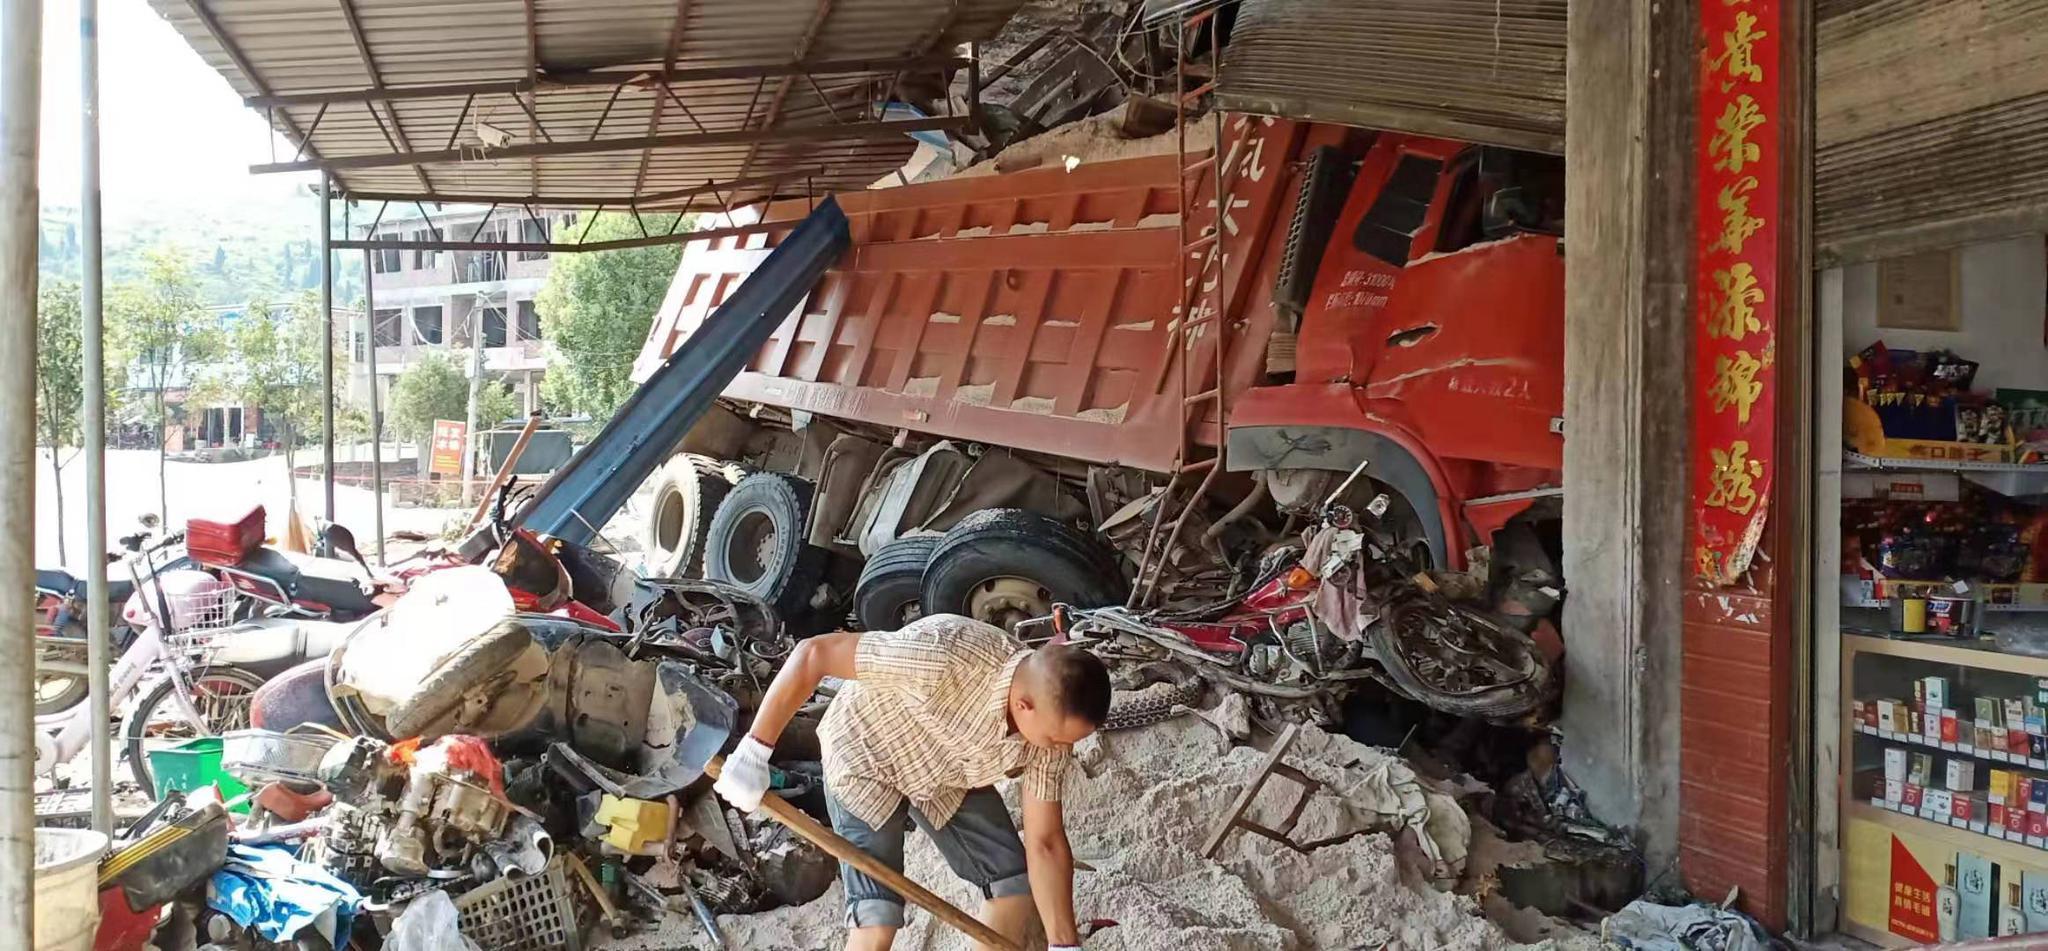 李全夏燕 湖南新宁一货车失控冲入街边修理店致1死4伤